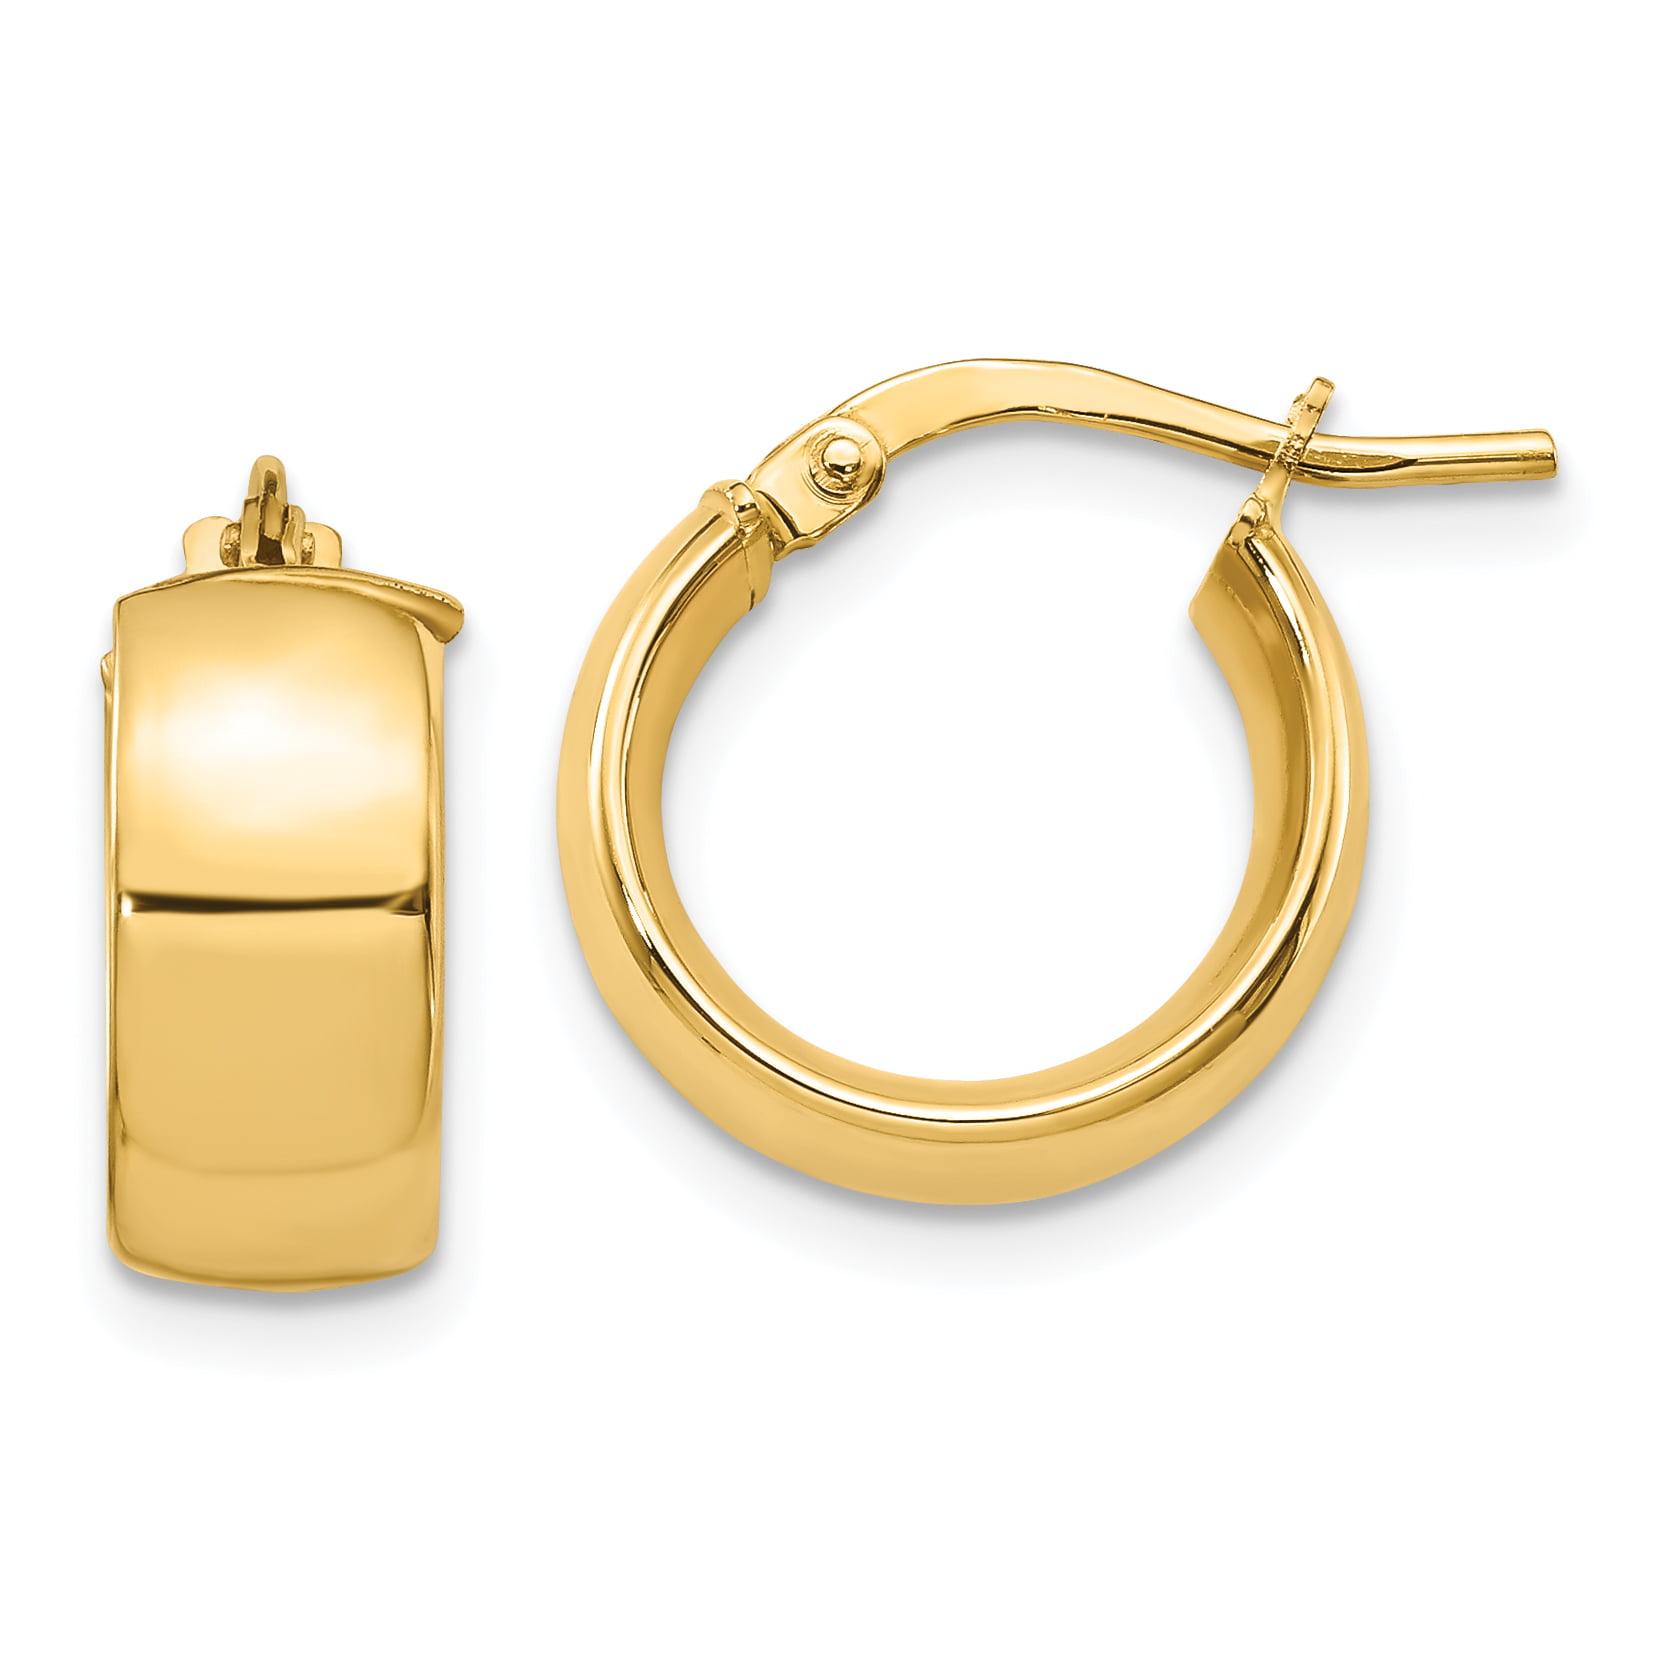 Leslies 14k 6mm High Polished Hoop Earrings - image 2 de 2